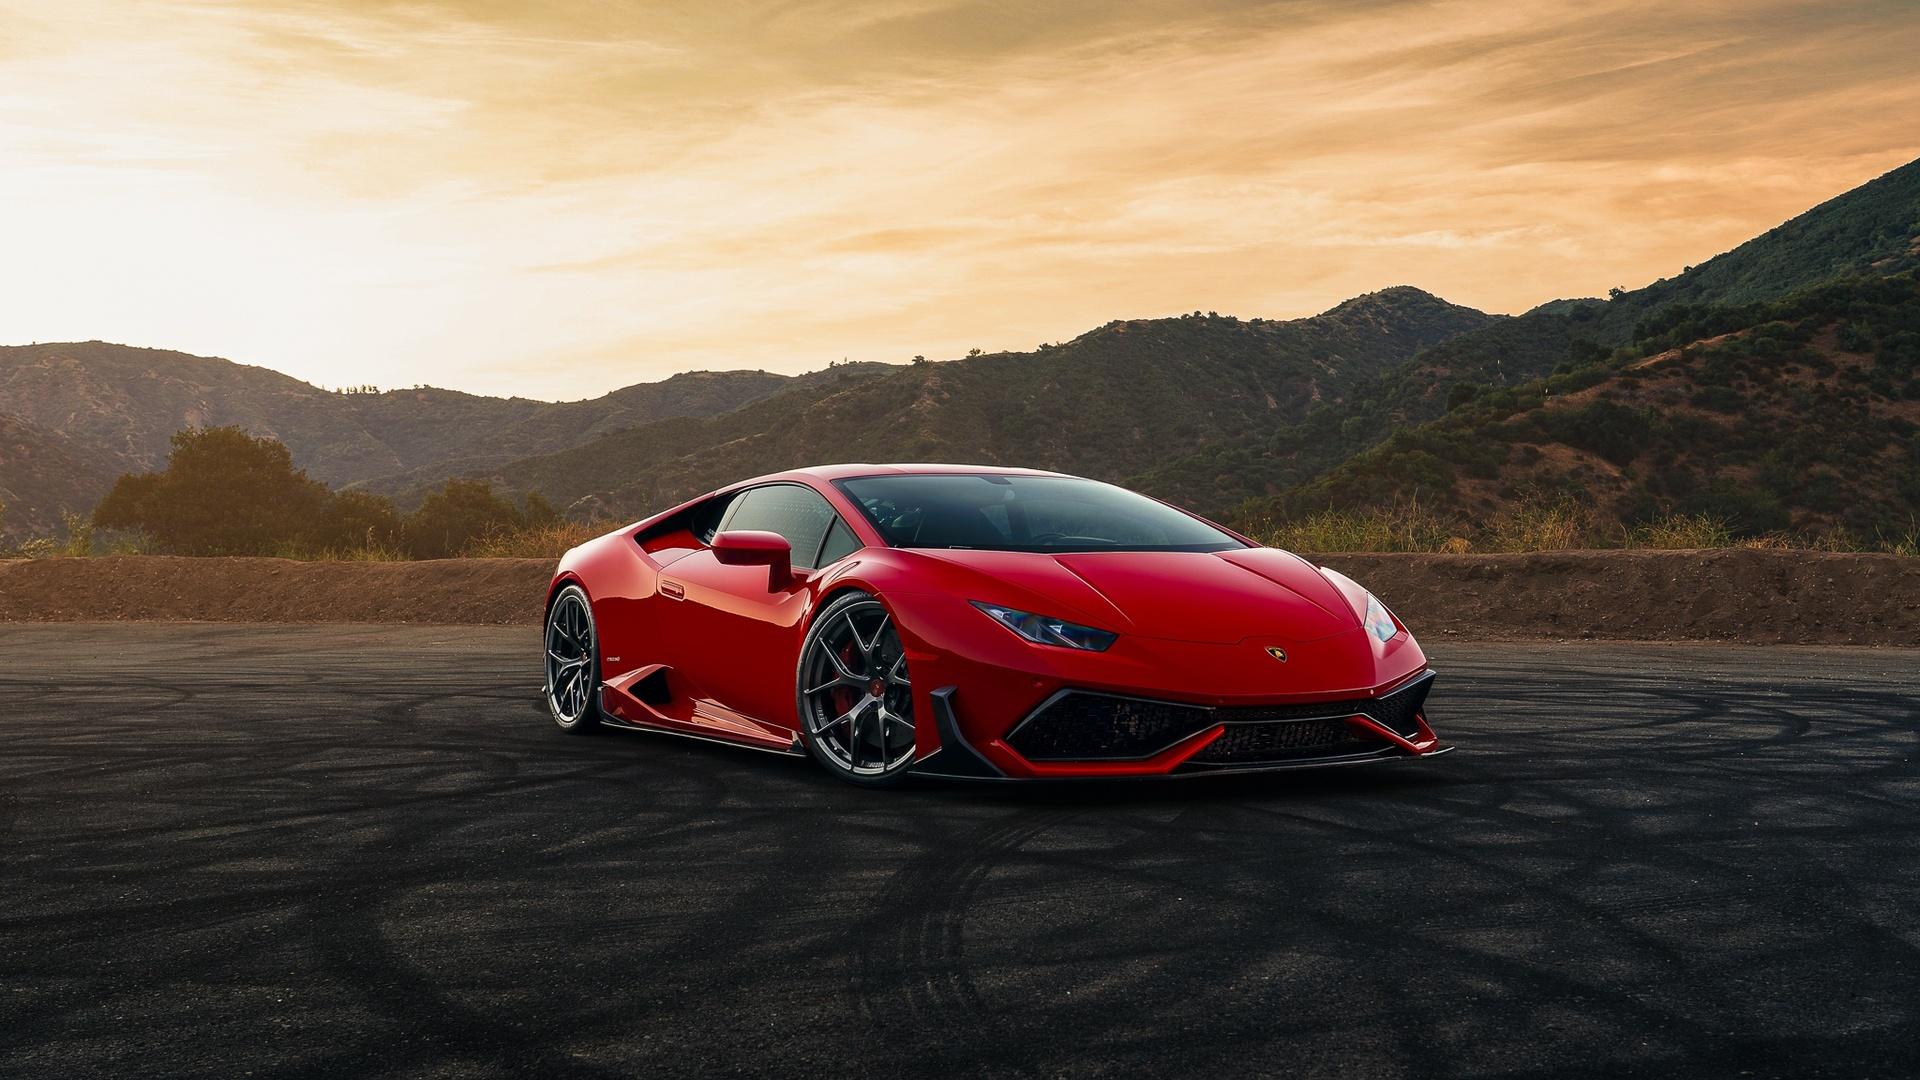 1920x1080 Lamborghini Huracan Red Car Laptop Full Hd 1080p